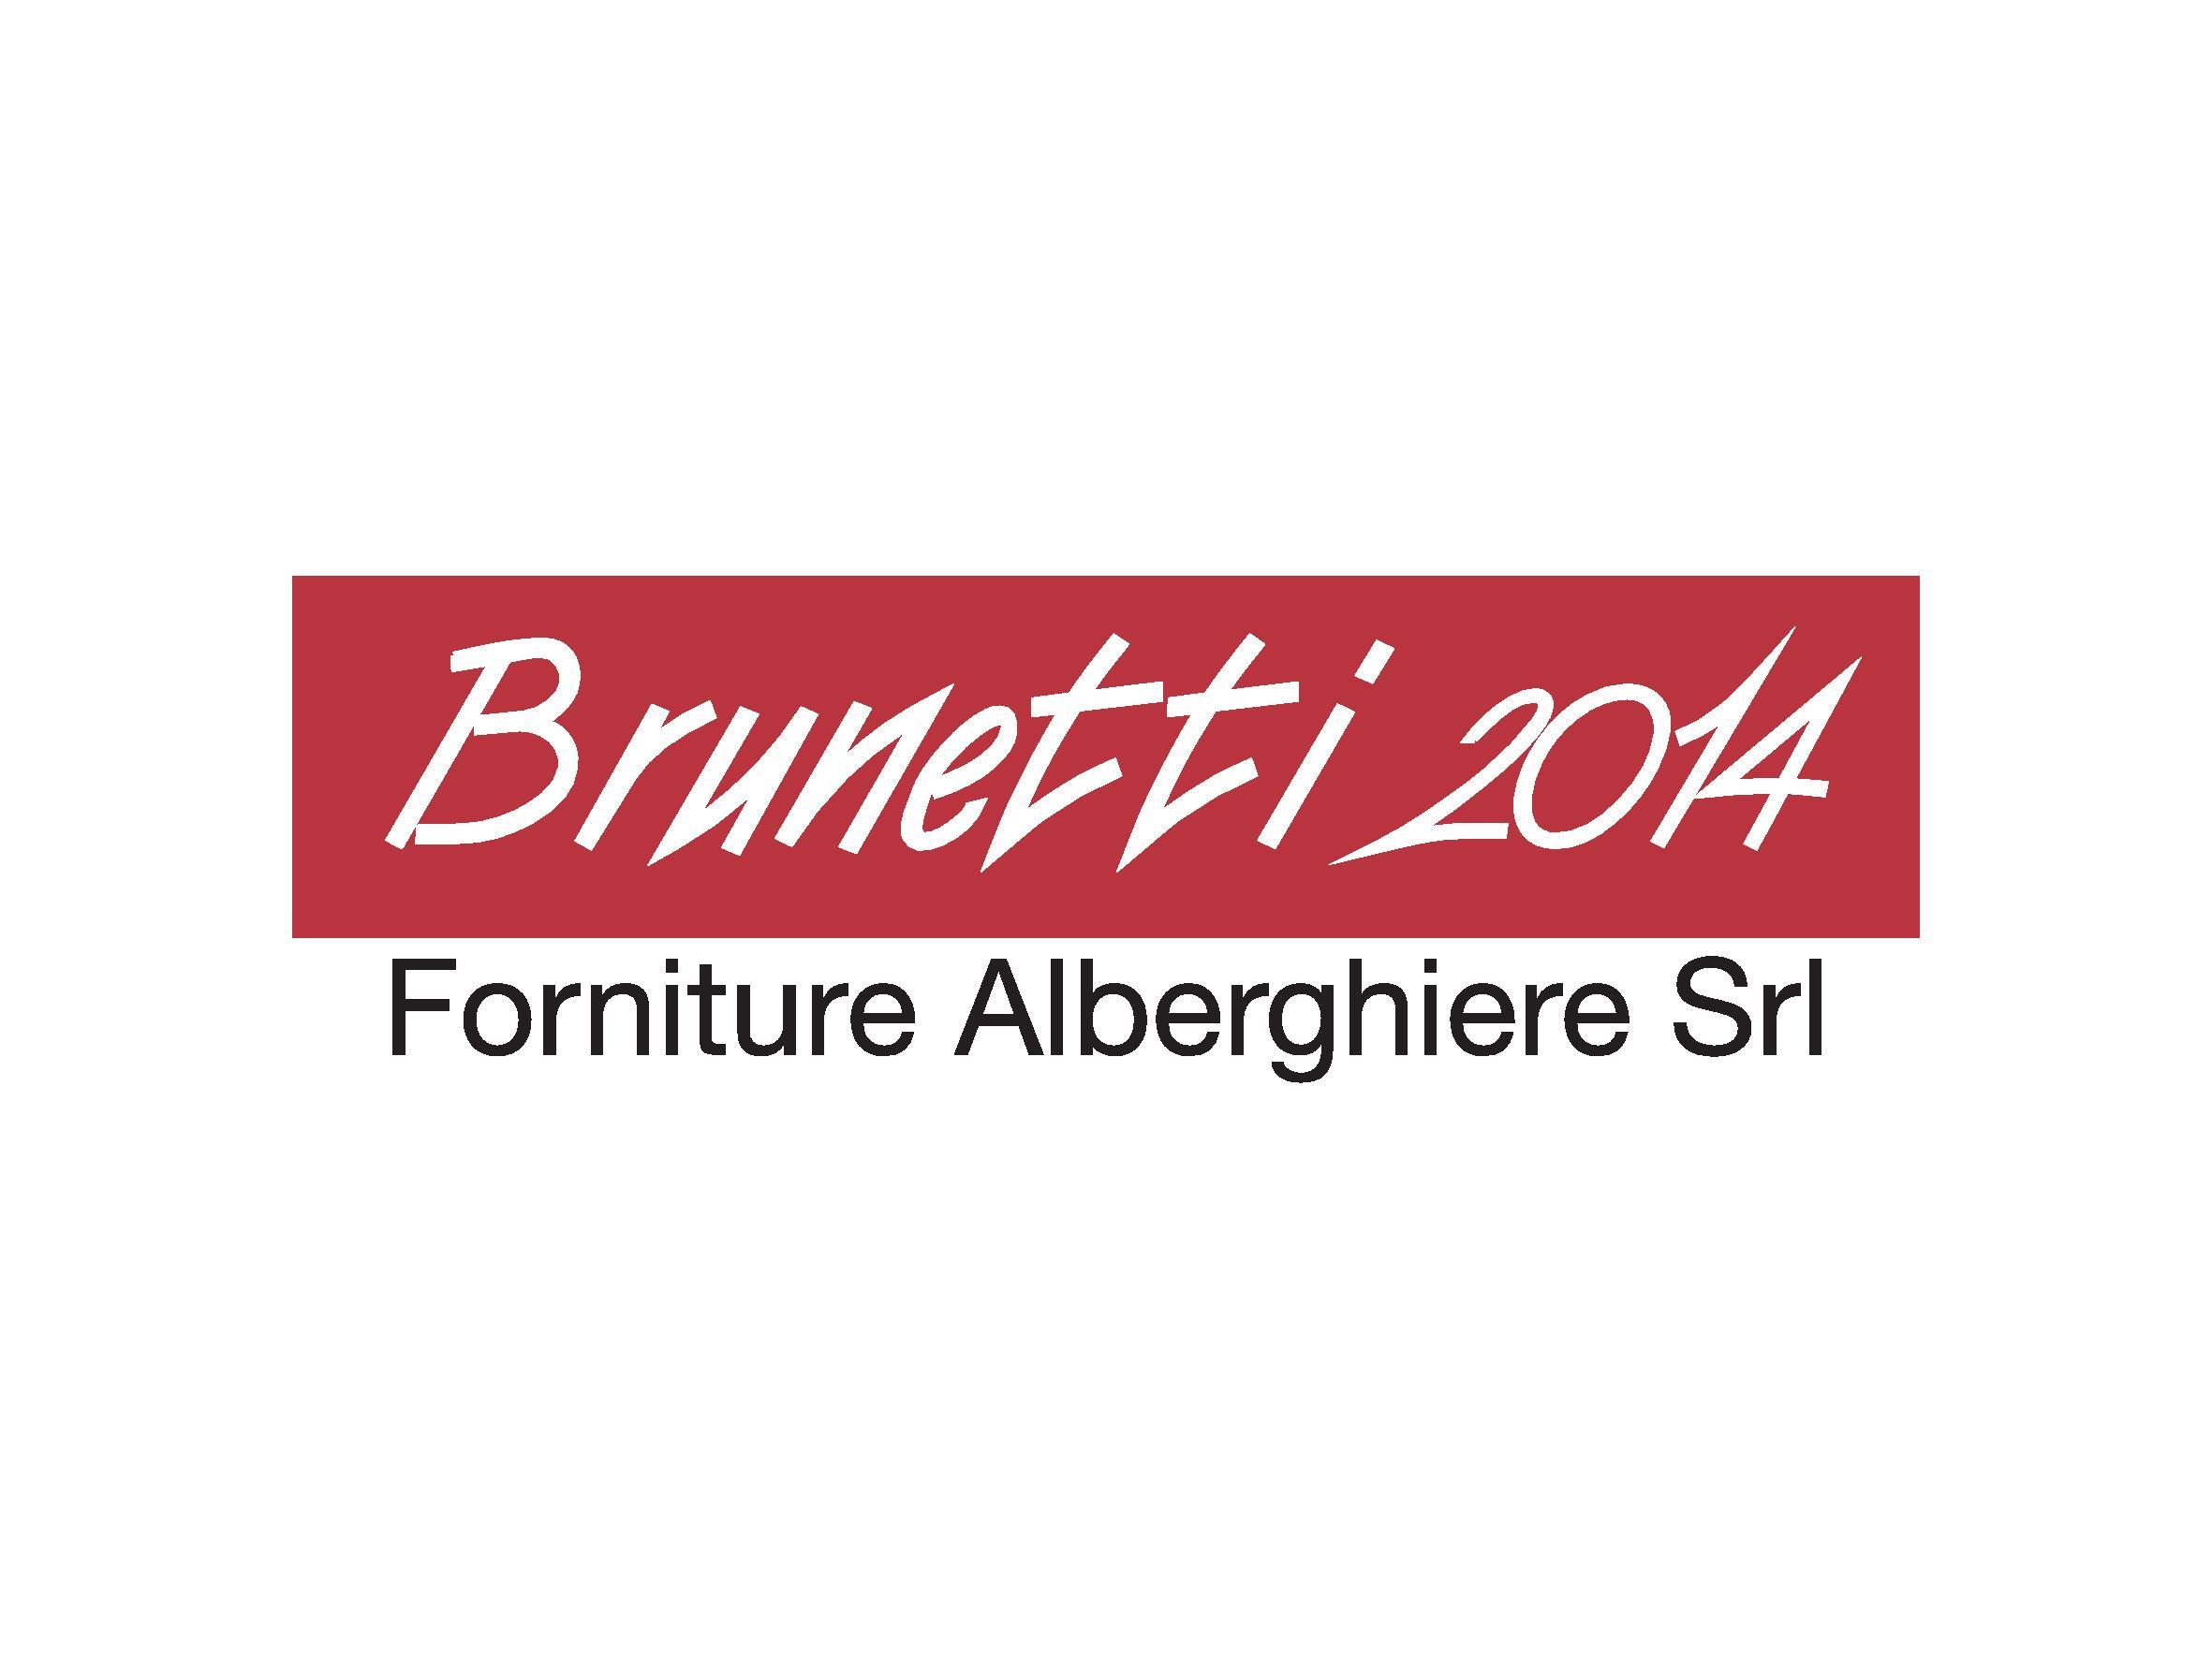 Brunetti 2014